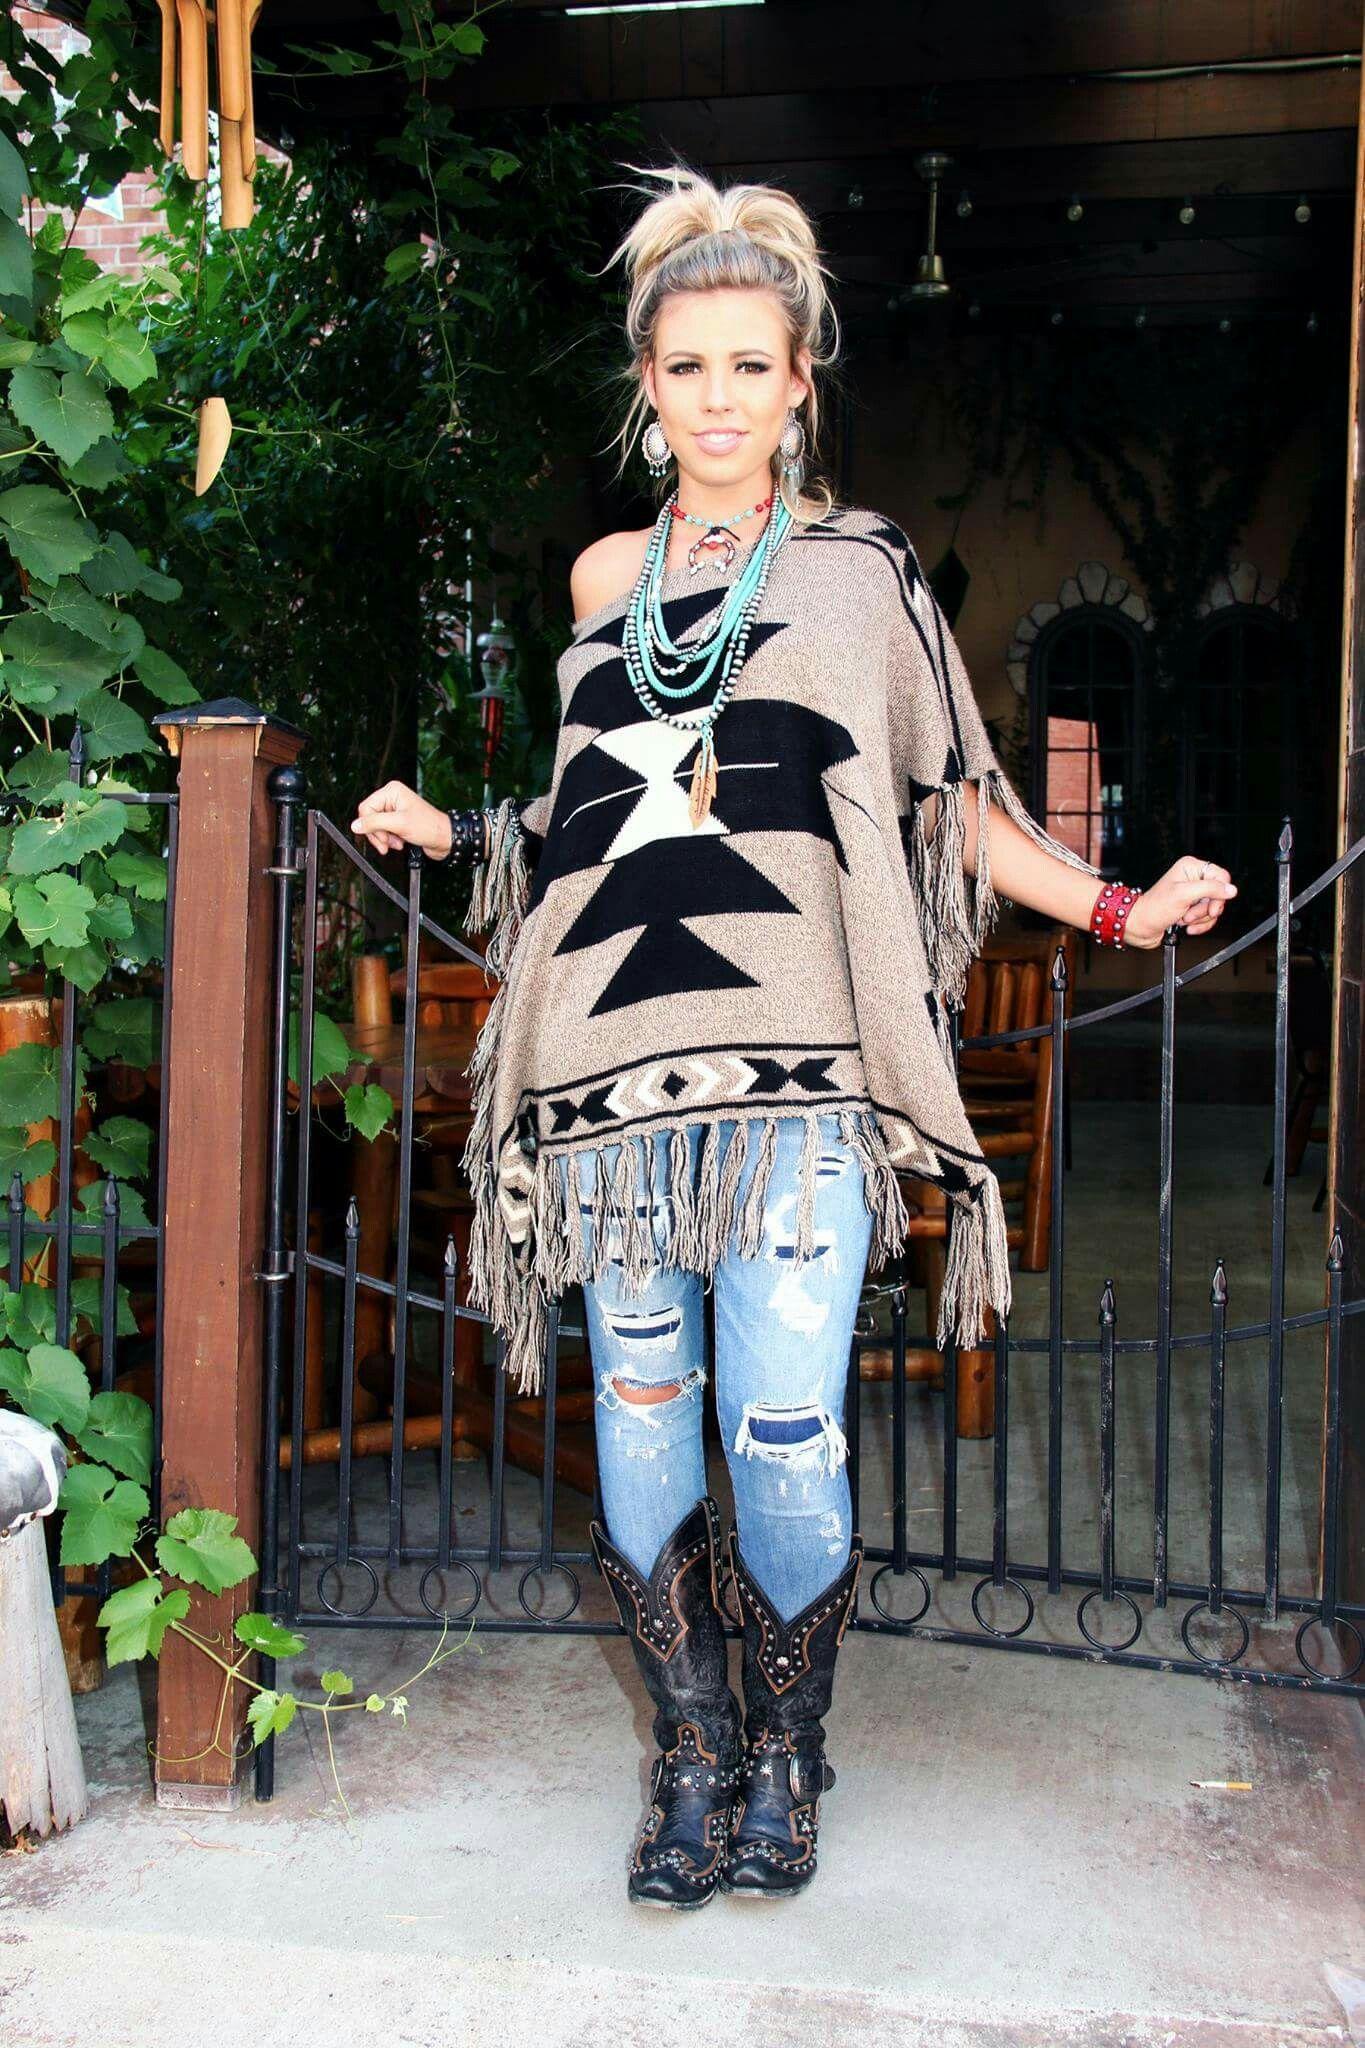 R Cinco Ranch Fall Fashion Tribal Aztec Cowgirl Gypsy